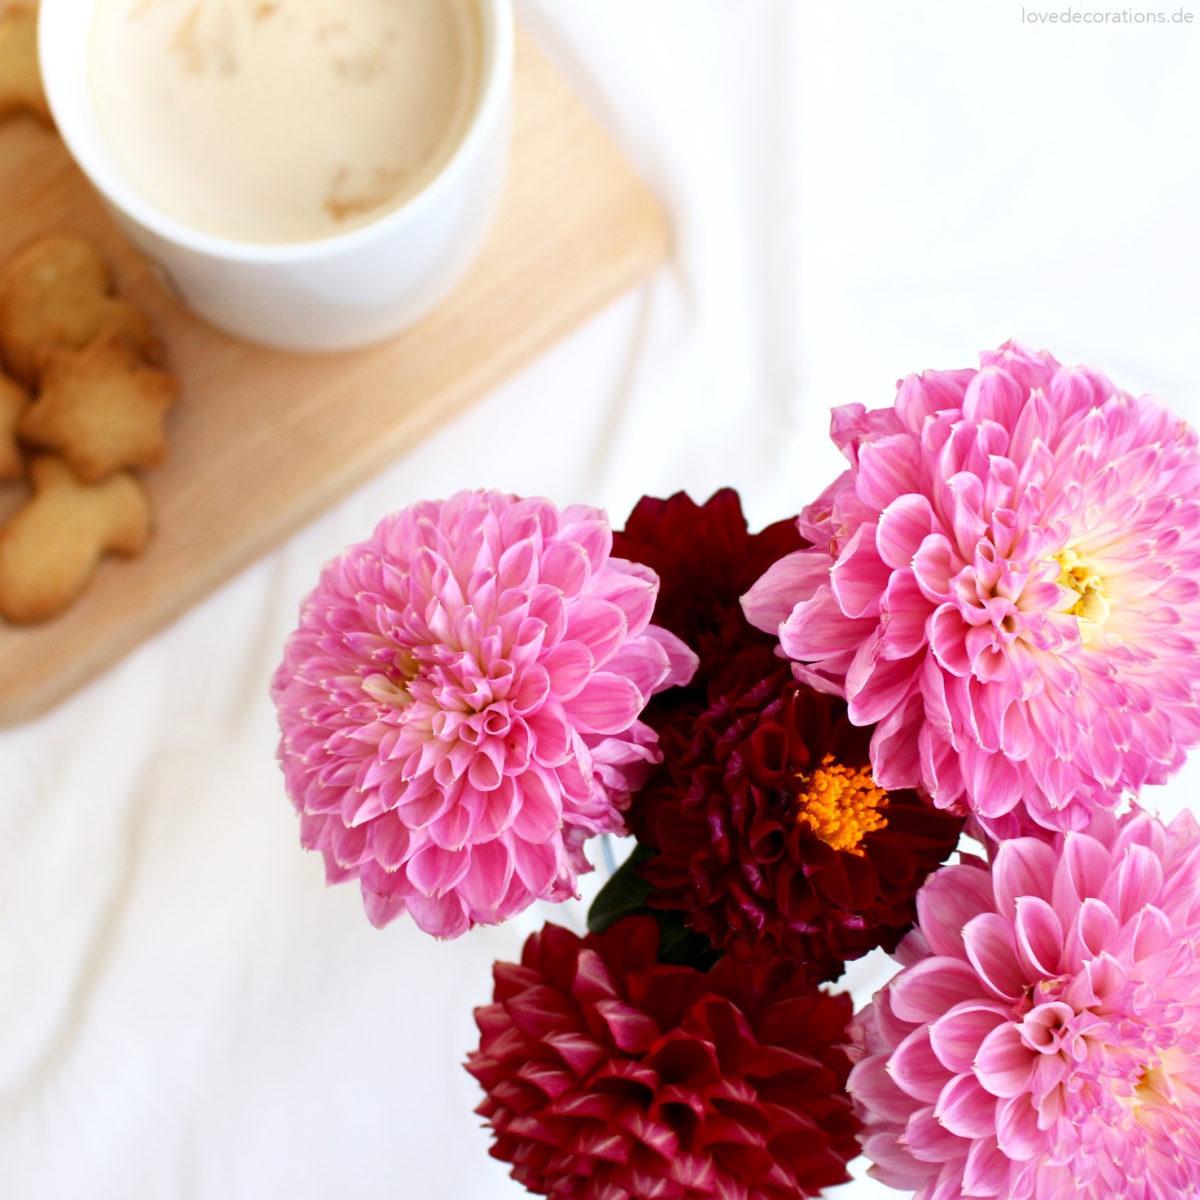 Schöne Herbstblumen | Love Decorations